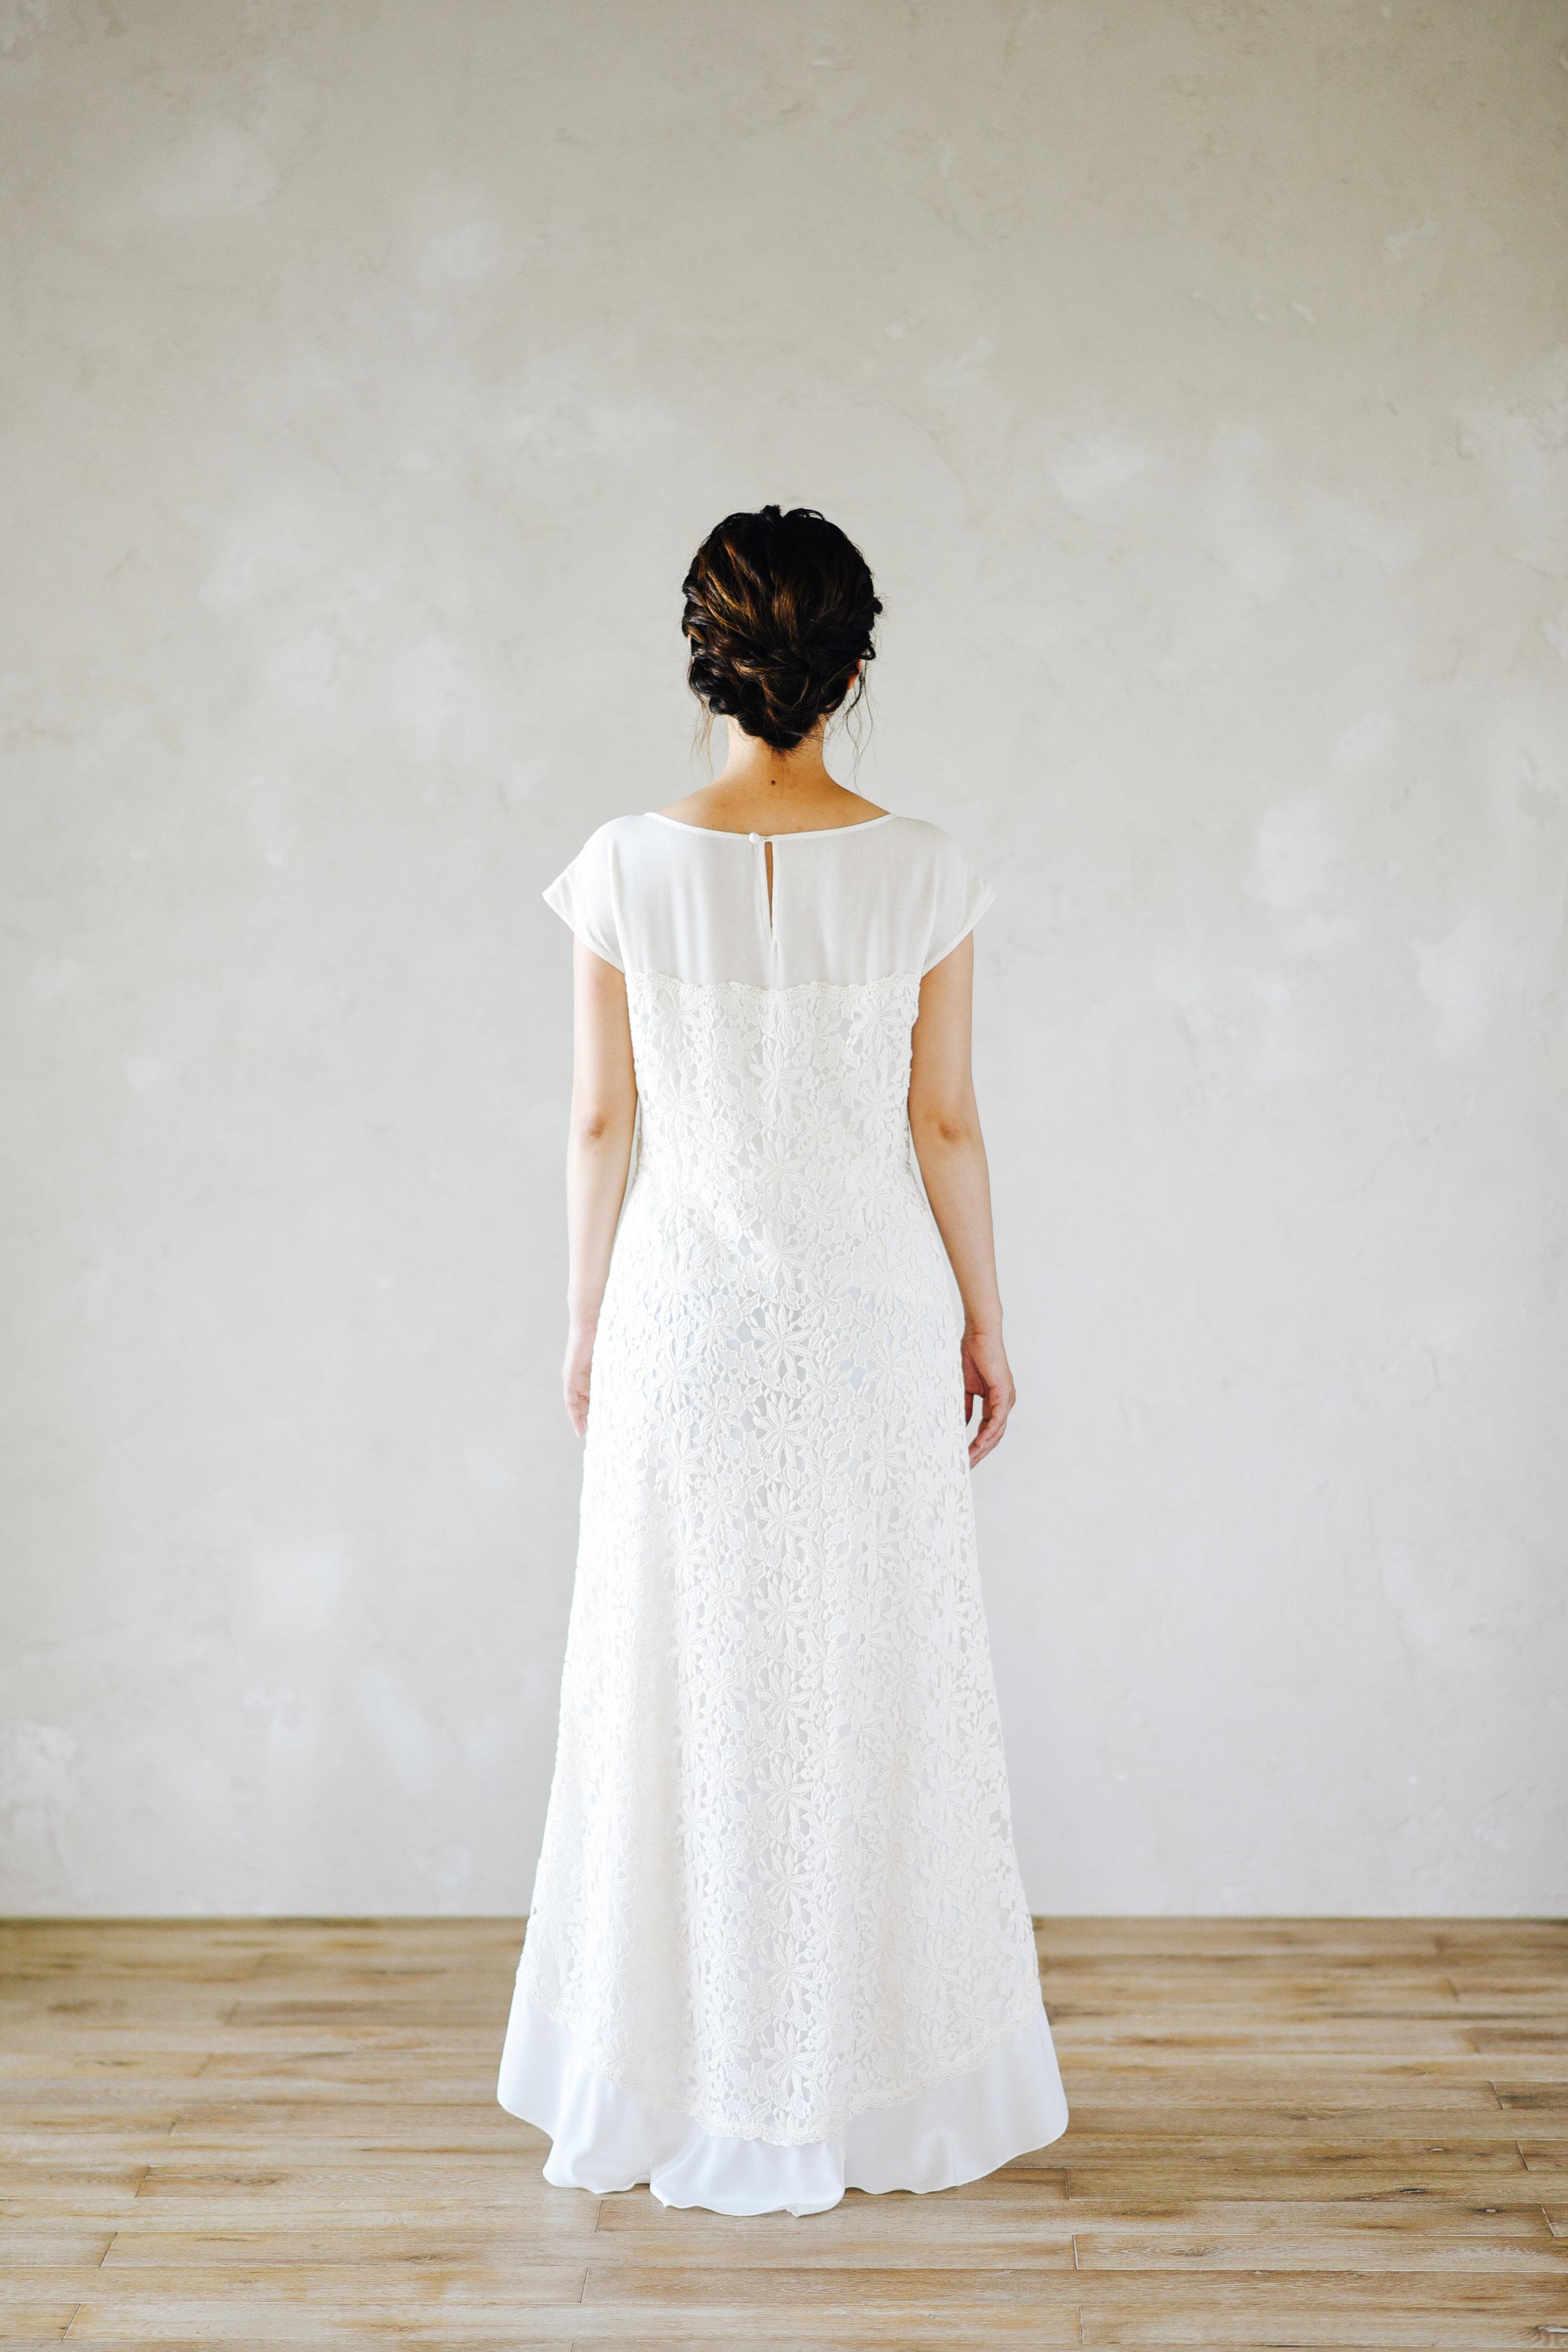 dress3_2.jpg